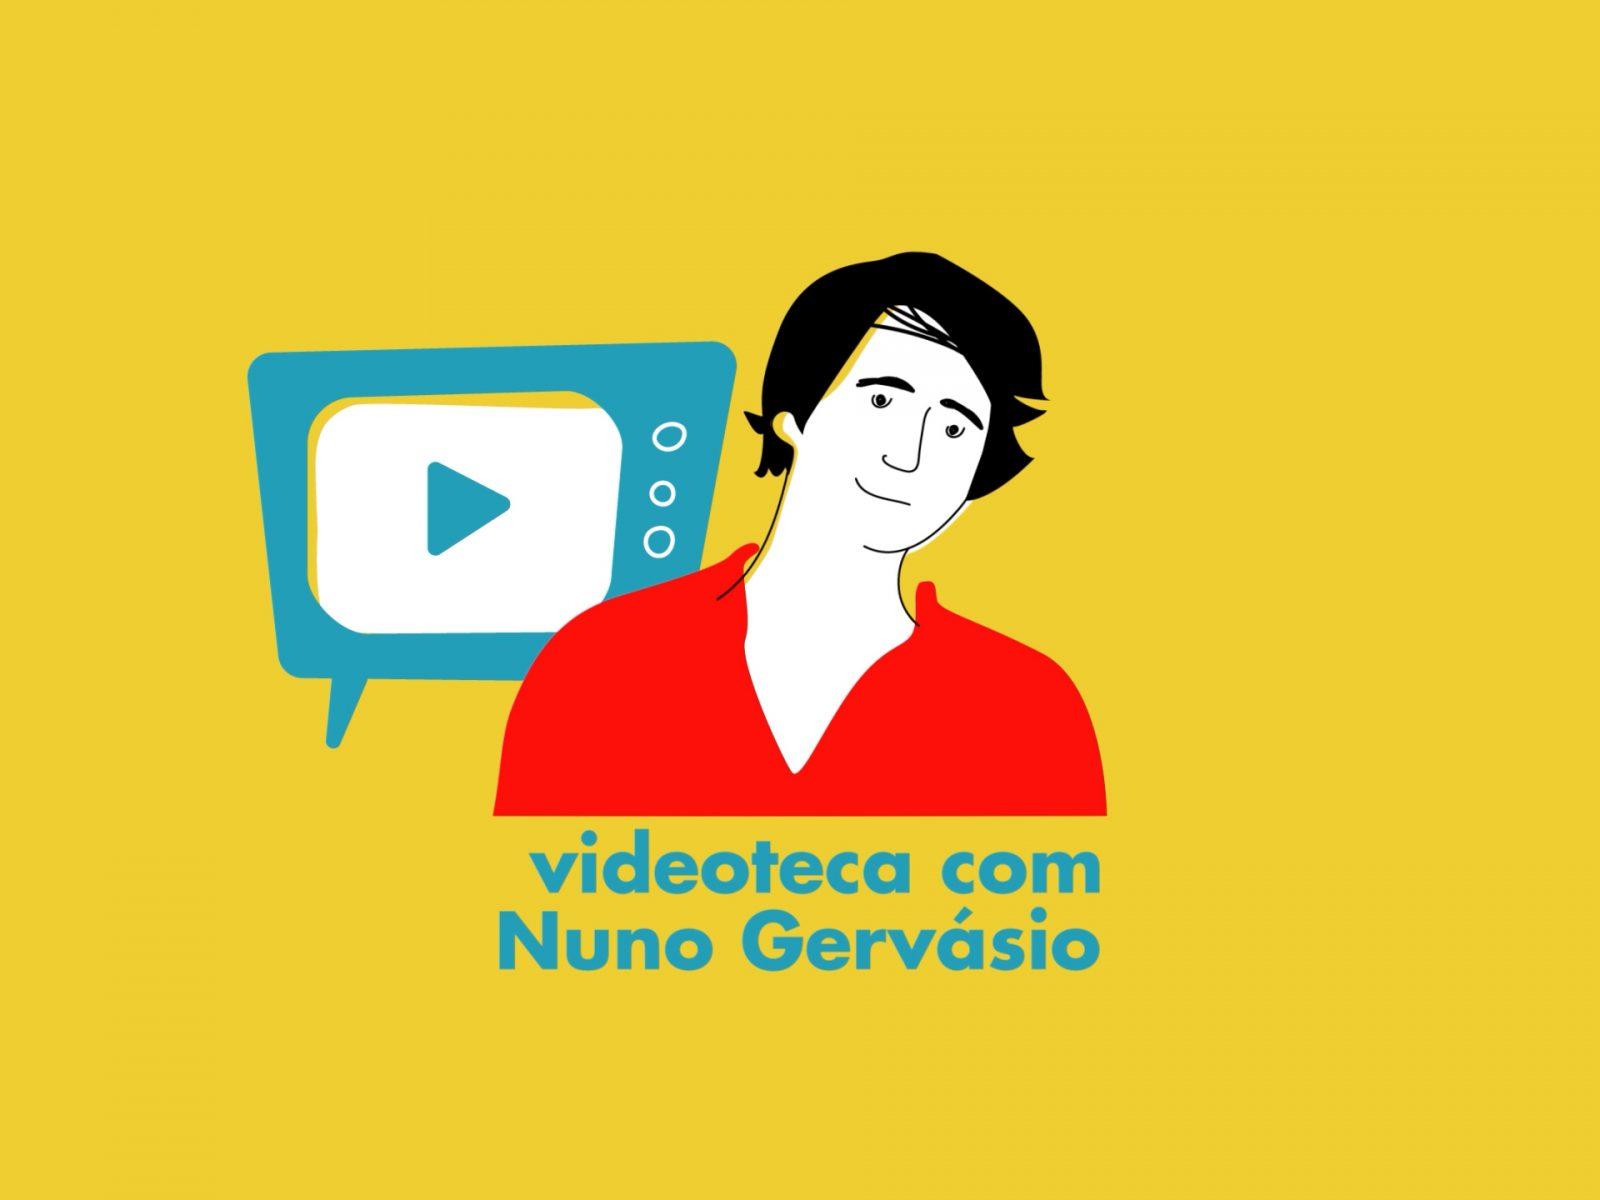 gerador-videoteca-nuno-gervasio